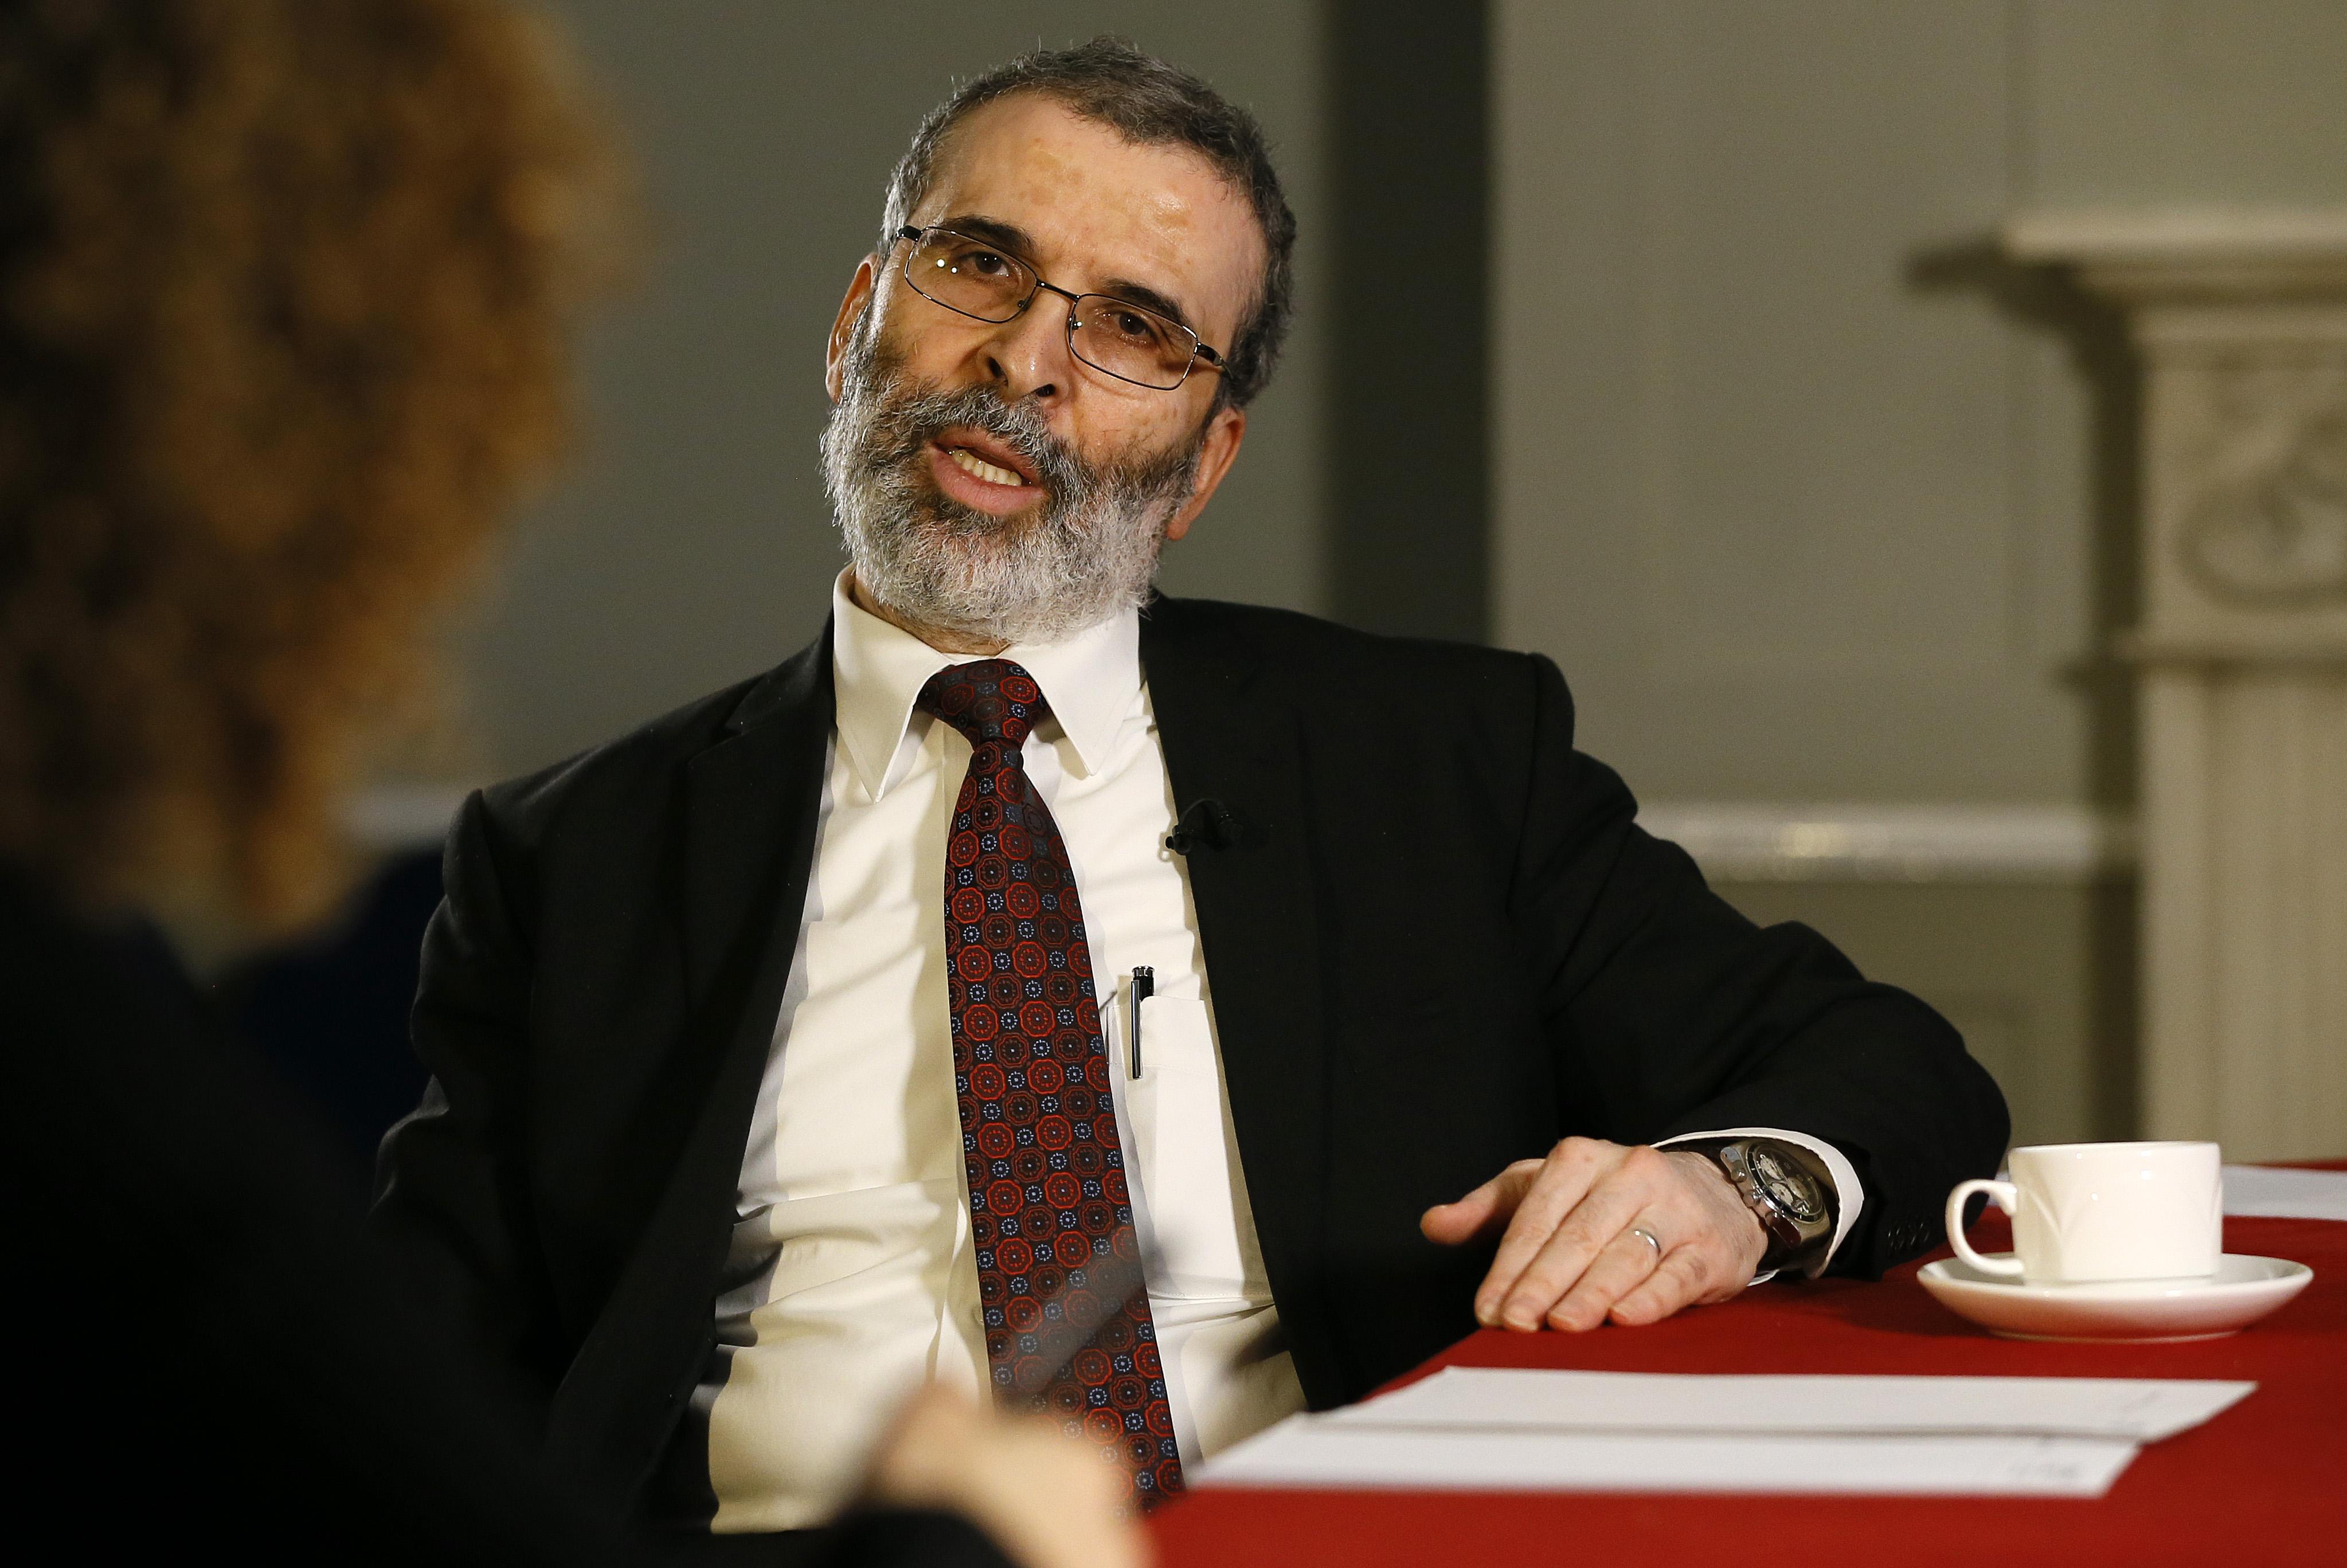 رئيس مجلس إدارة المؤسسة الوطنية للنفط مصطفي صنع الله